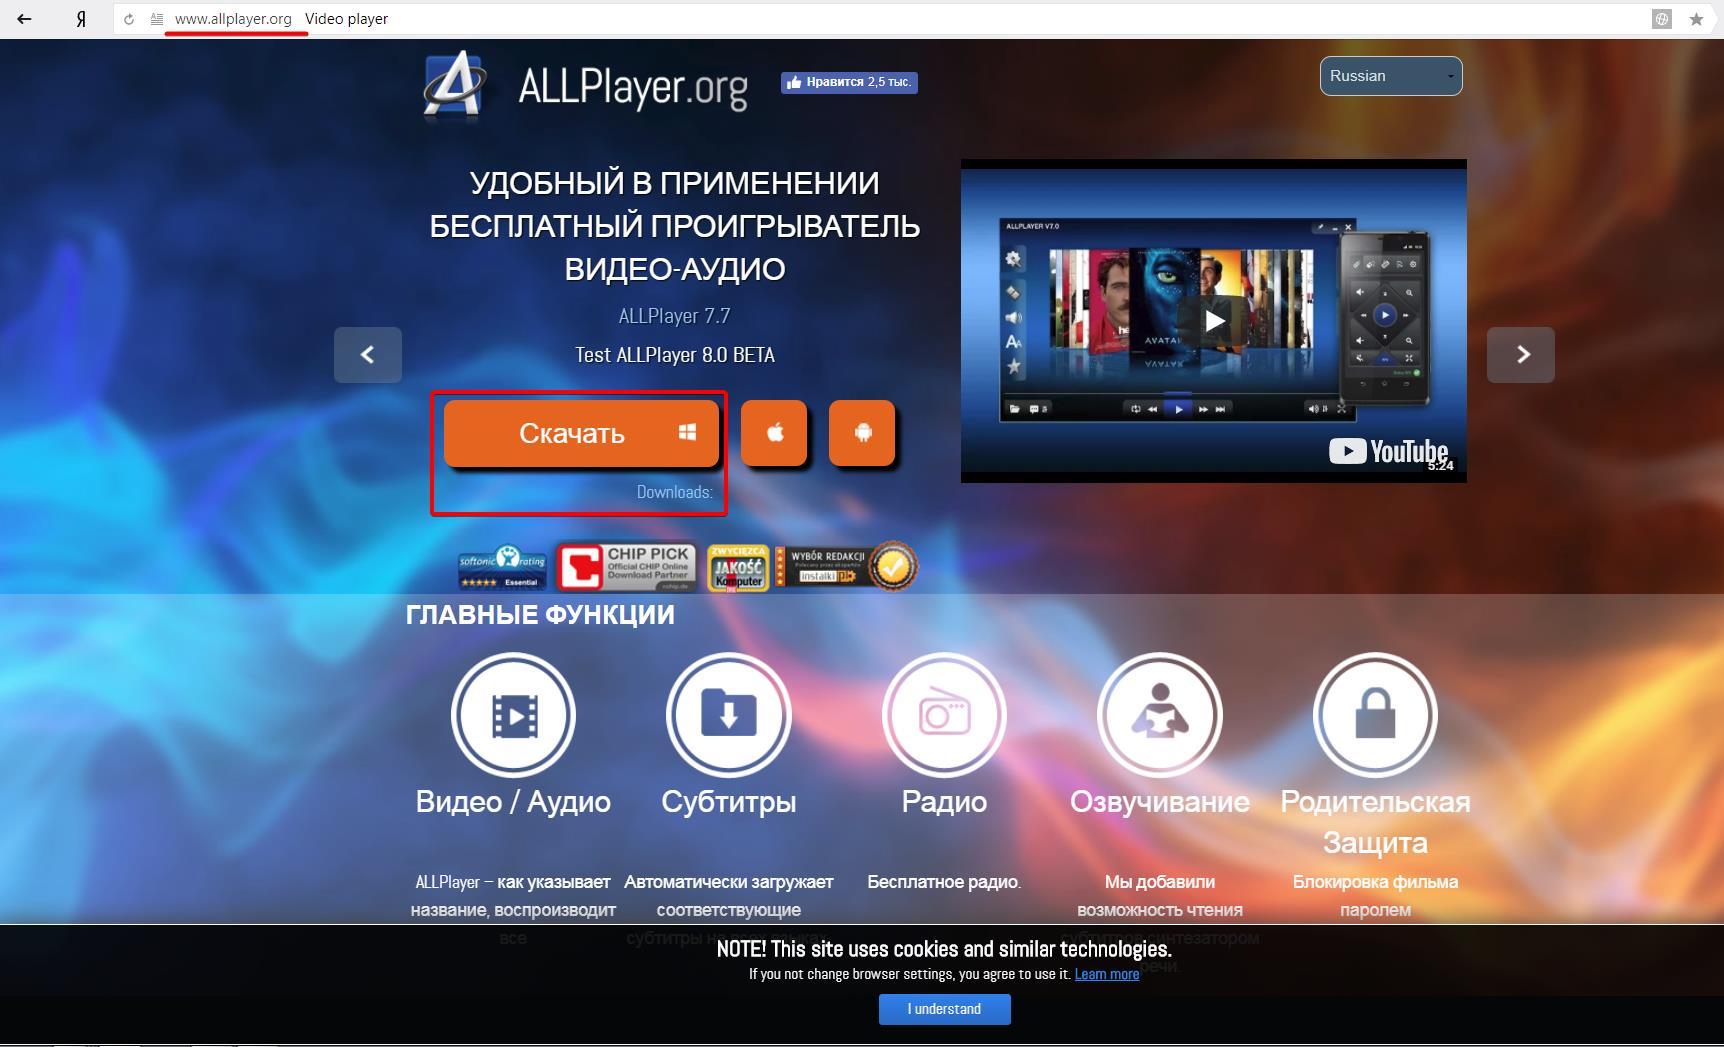 Официальный сайт ALLPlayer